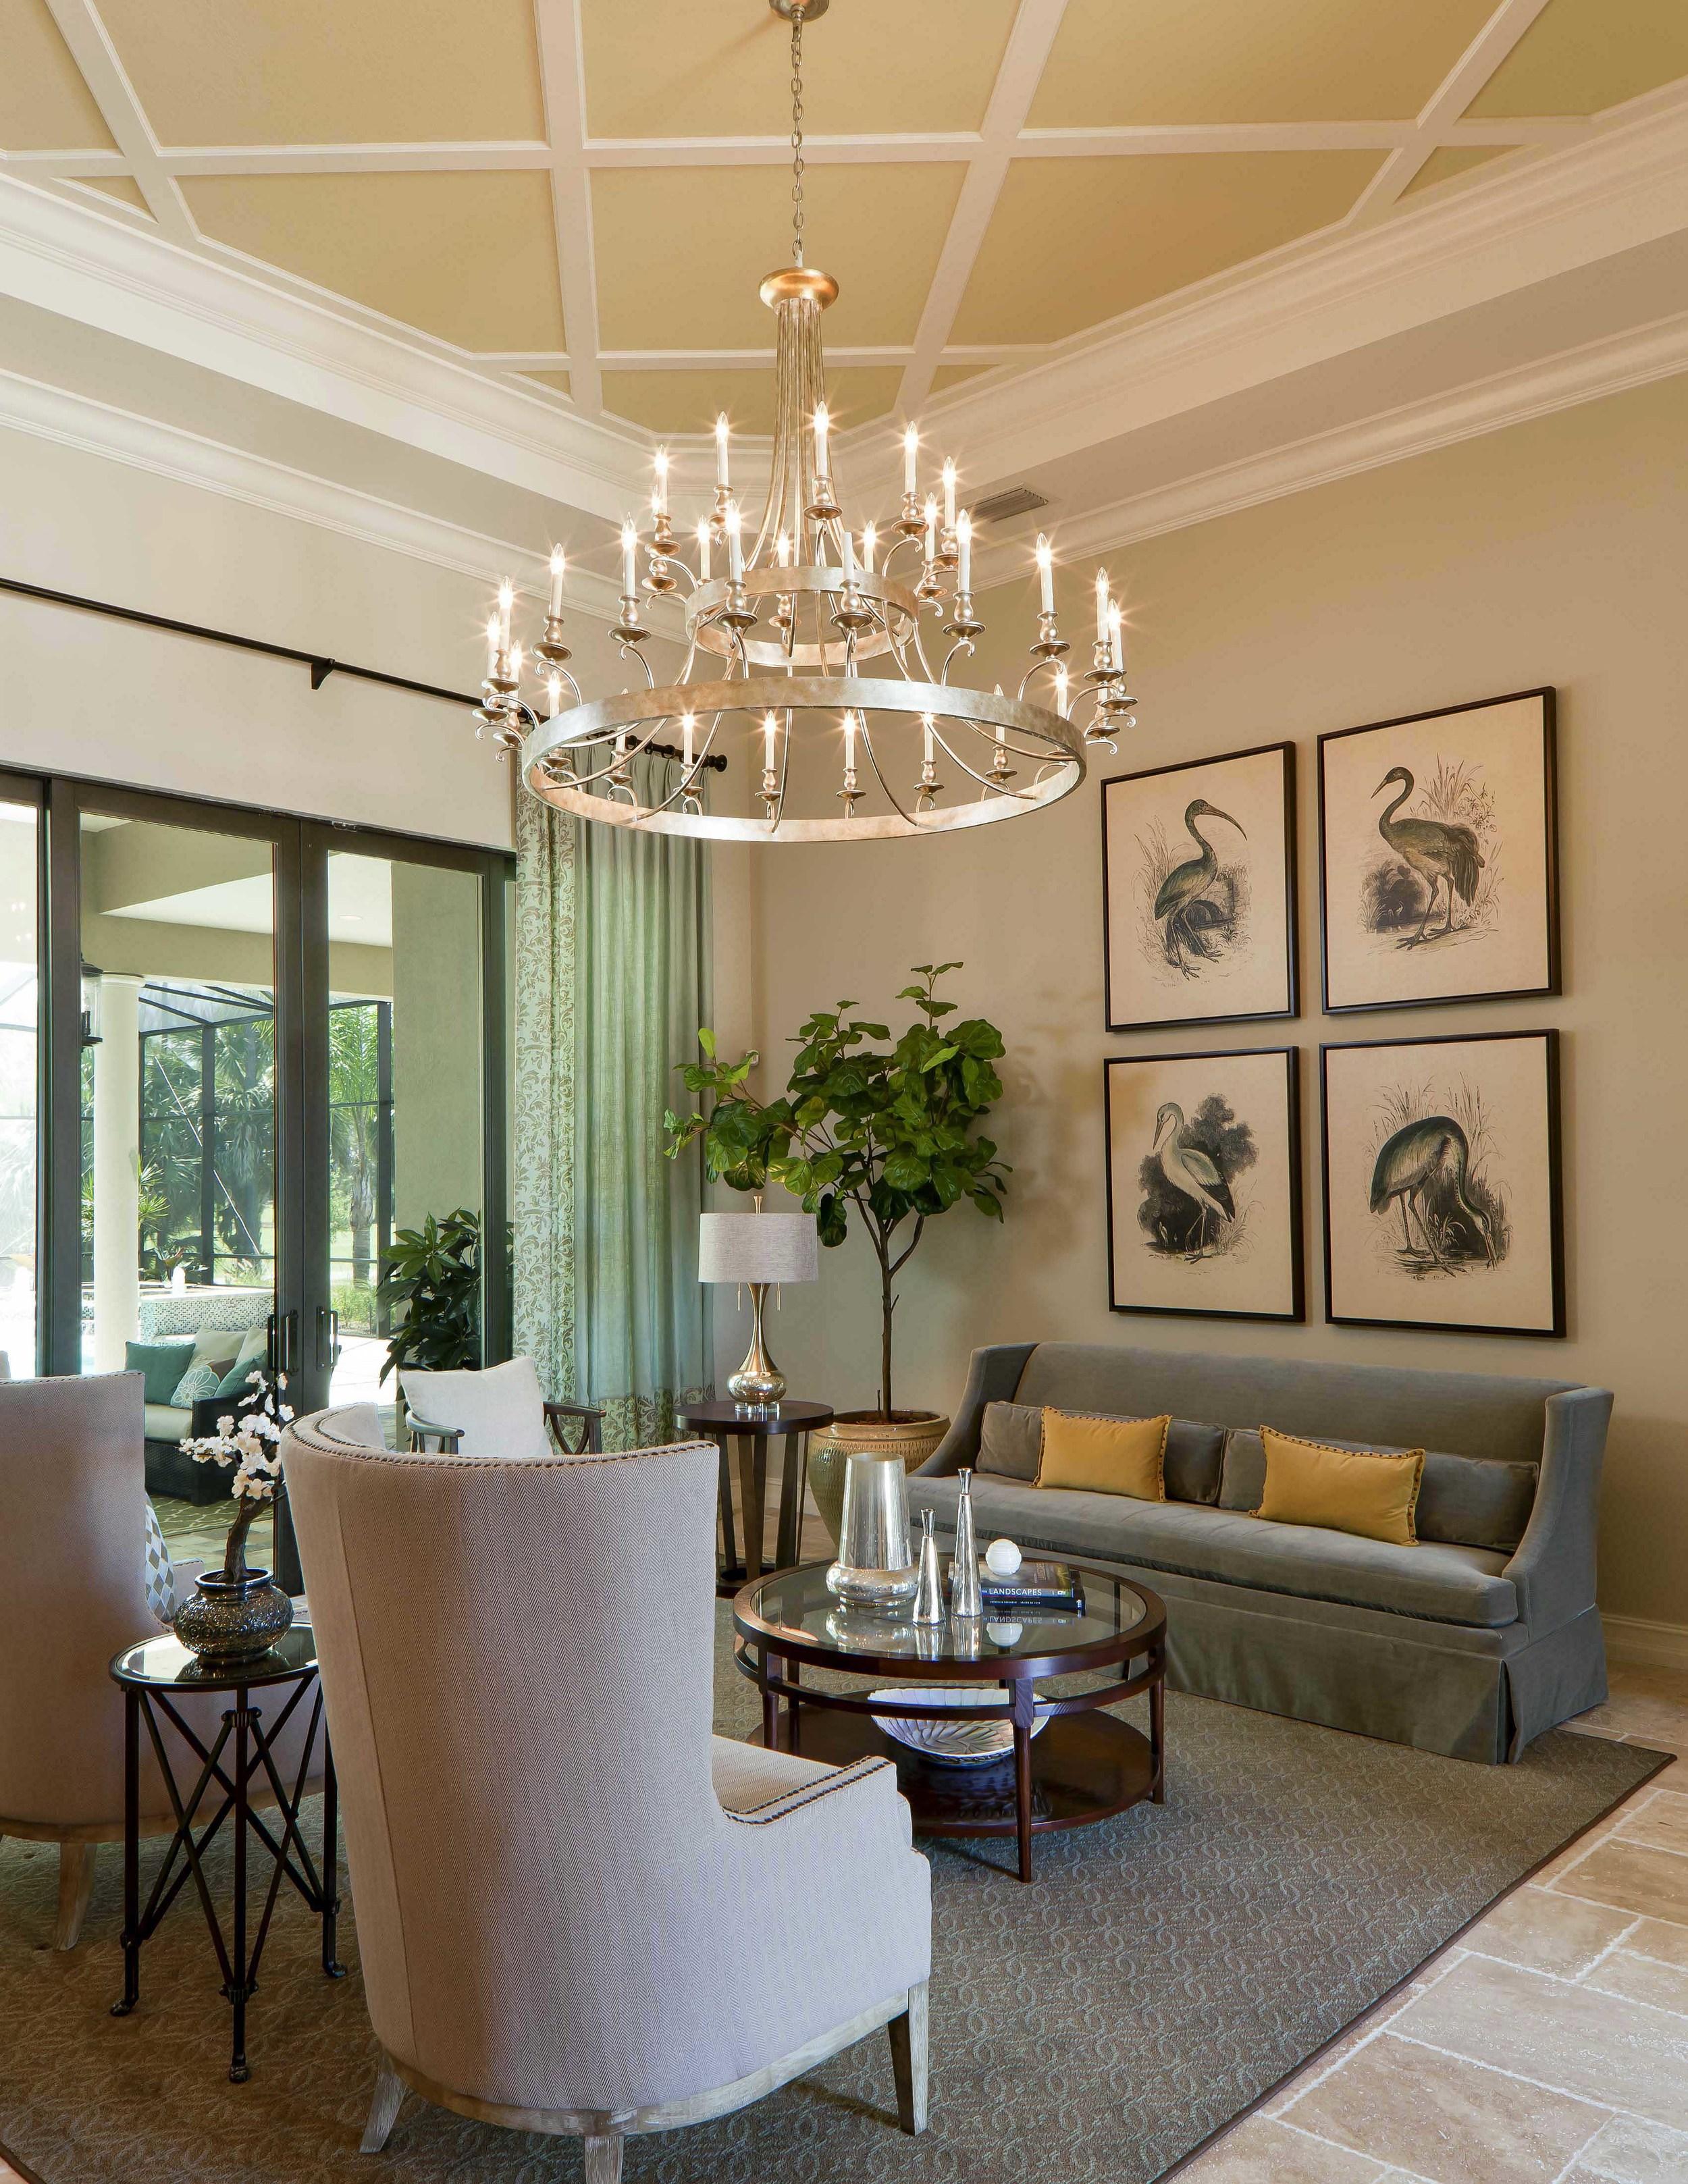 Ponte Vedra Grande Model by Beasley & Henley Interior Design for Stock Development, Lely Resort Naples, FL